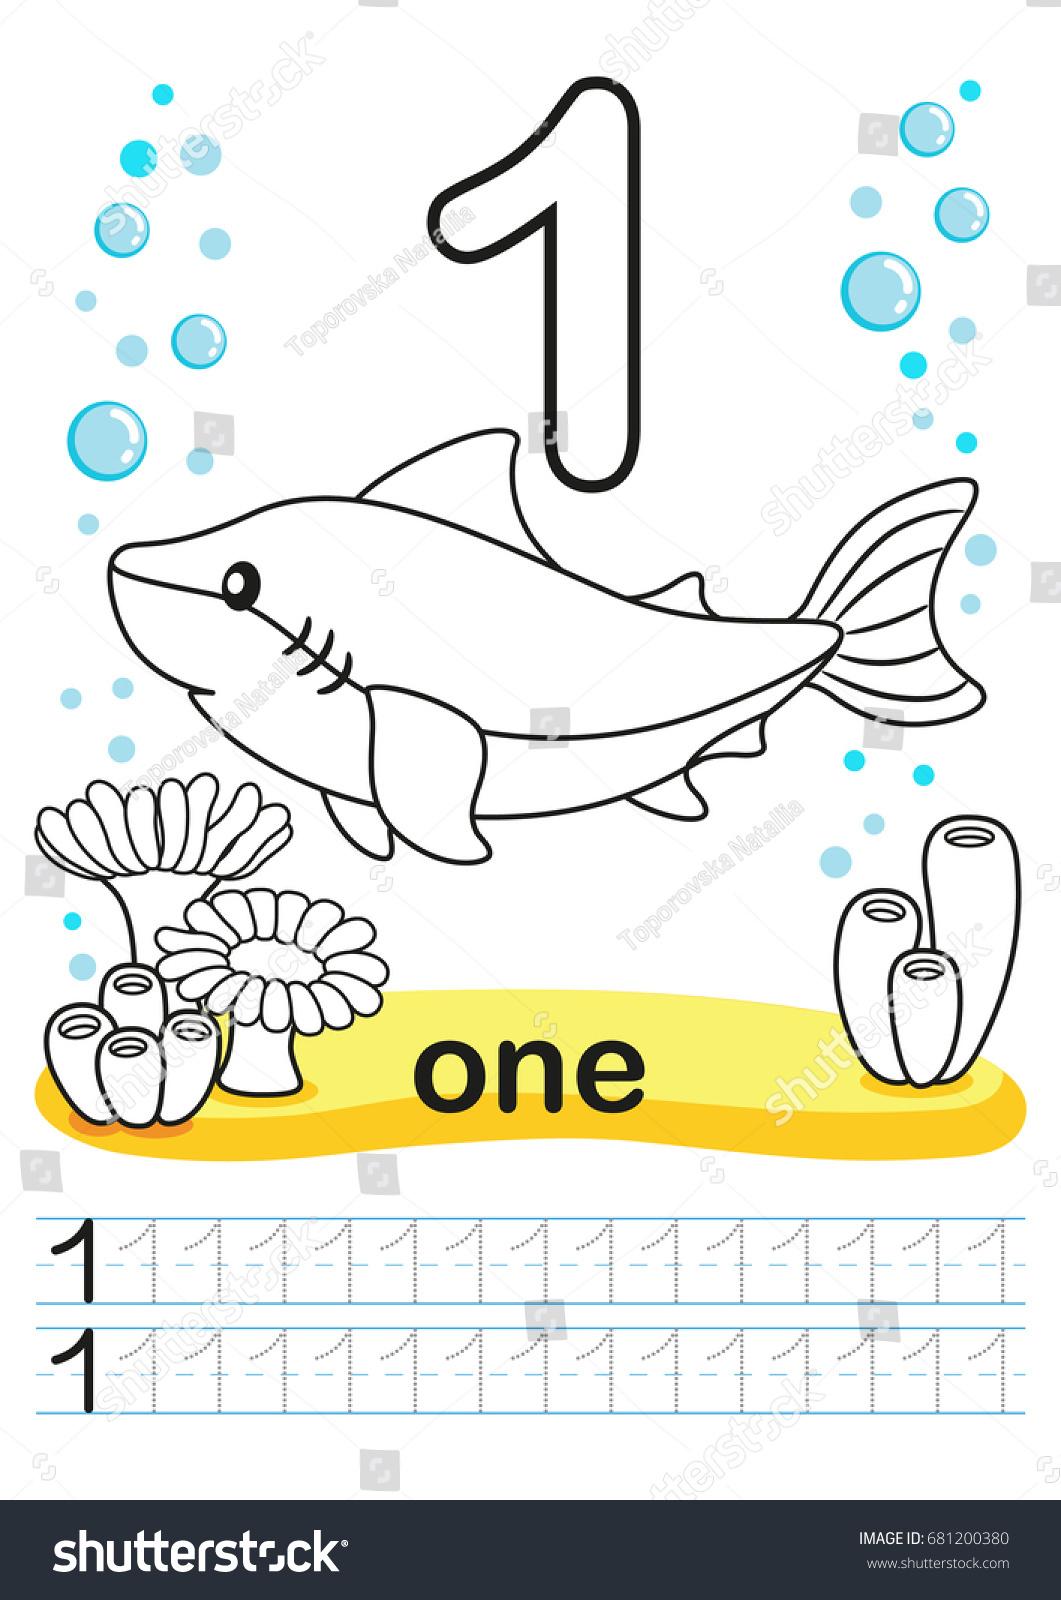 Coloring Printable Worksheet Kindergarten Preschool We